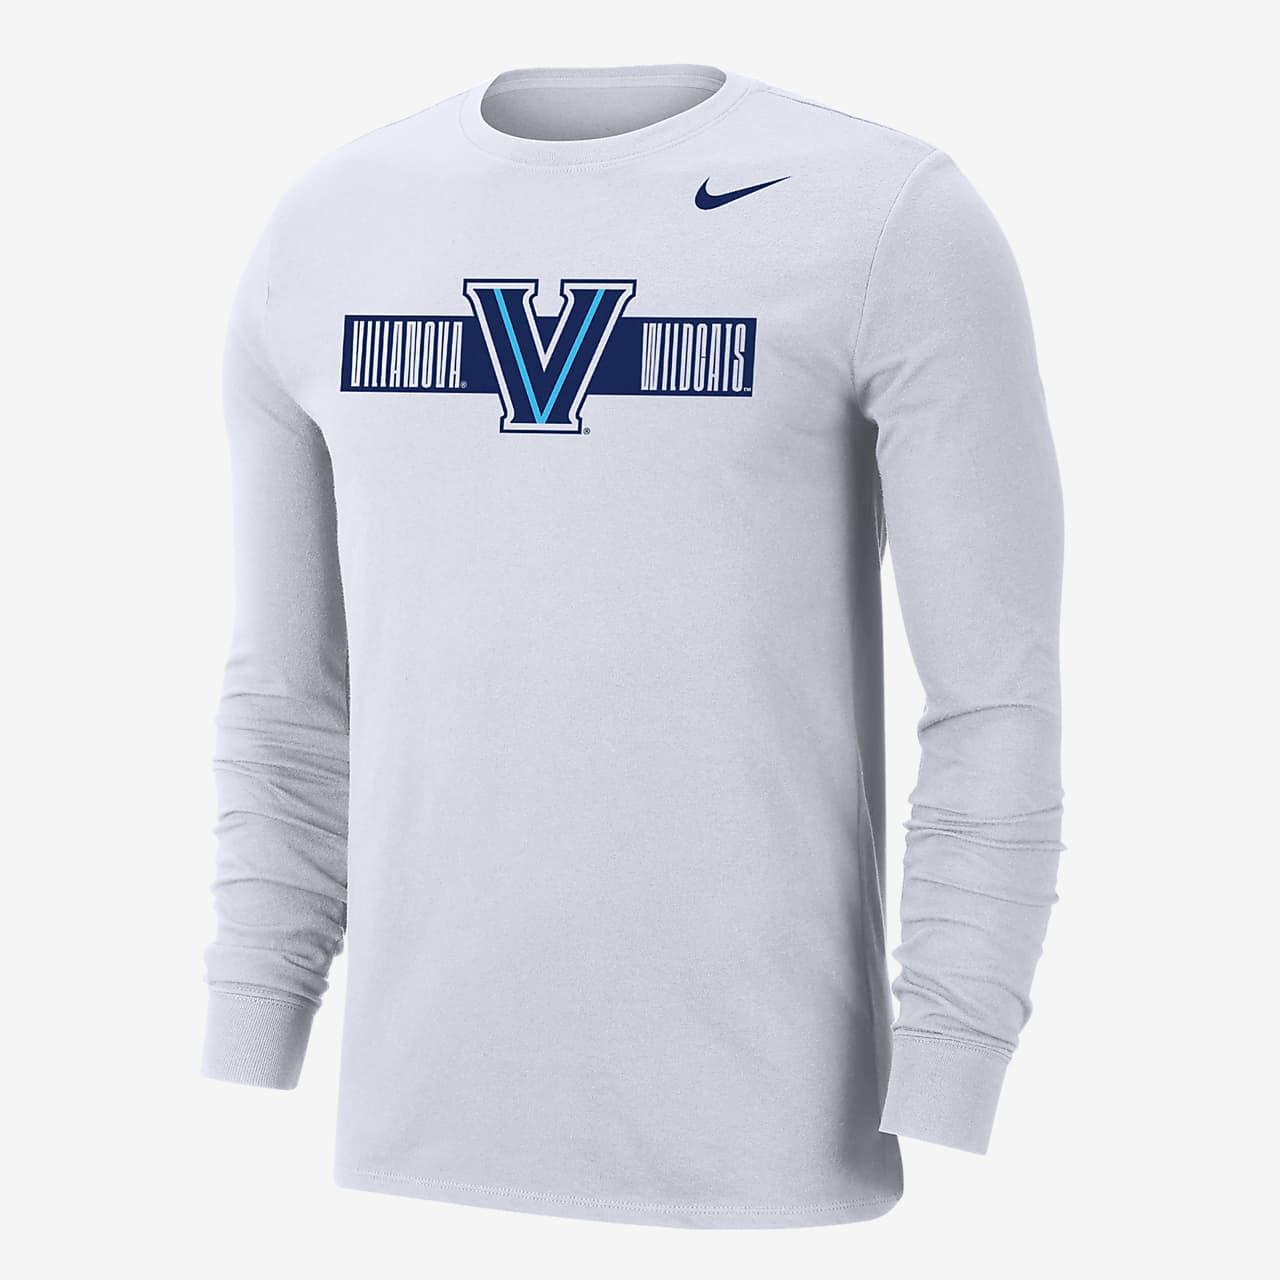 Nike College Dri-FIT (Villanova) Men's Long-Sleeve T-Shirt